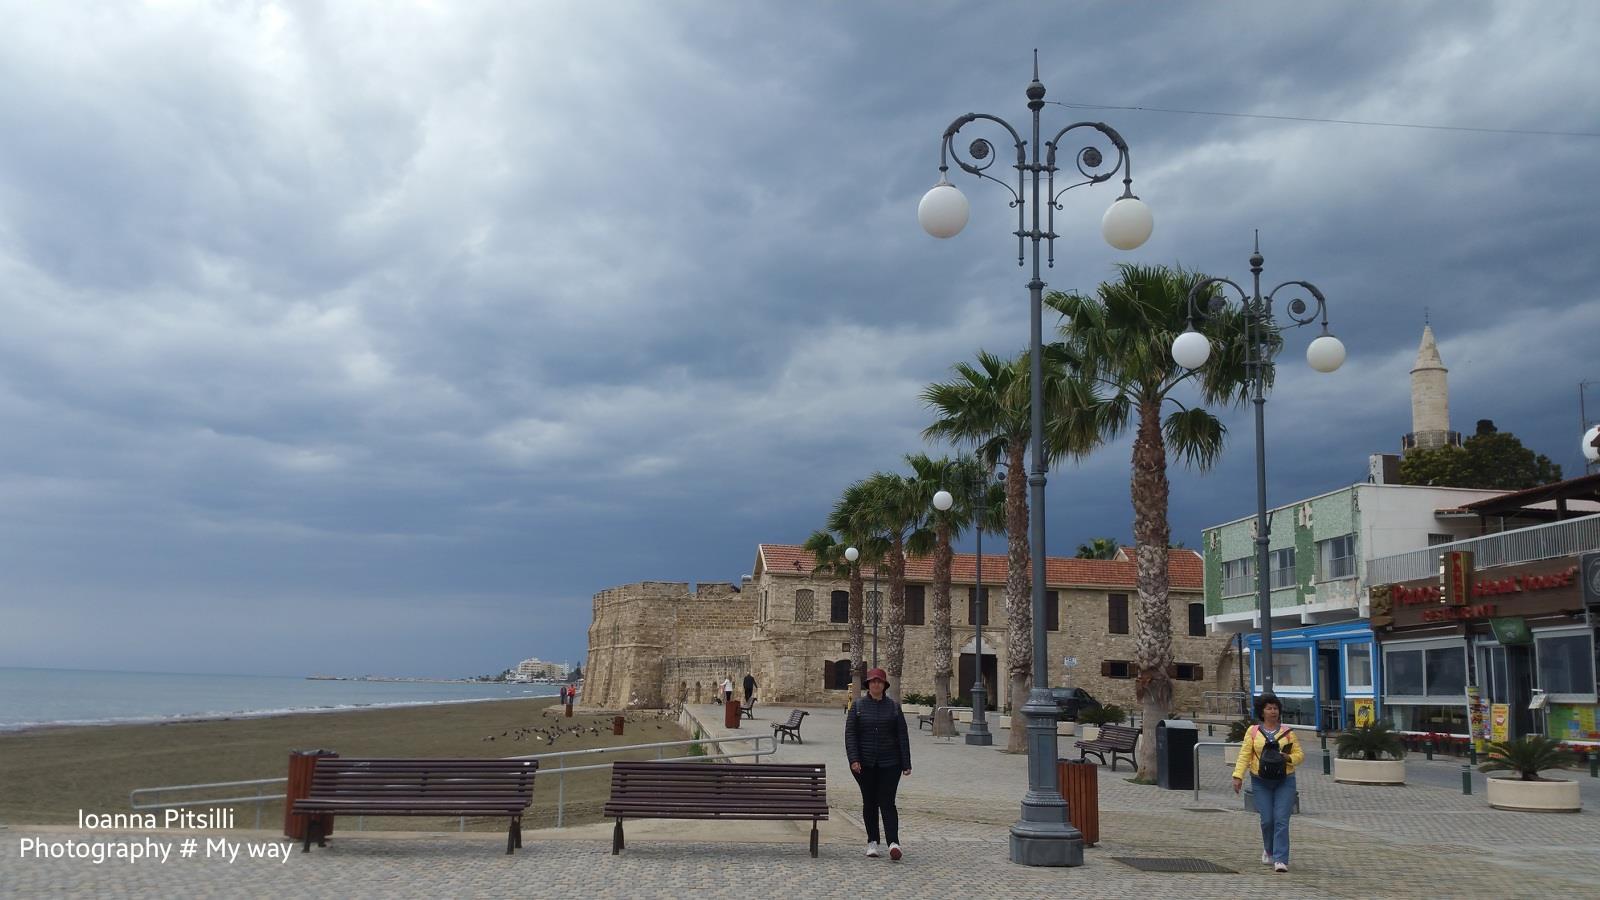 Βροχερό το απόγευμα-Πιθανό και το χαλάζι